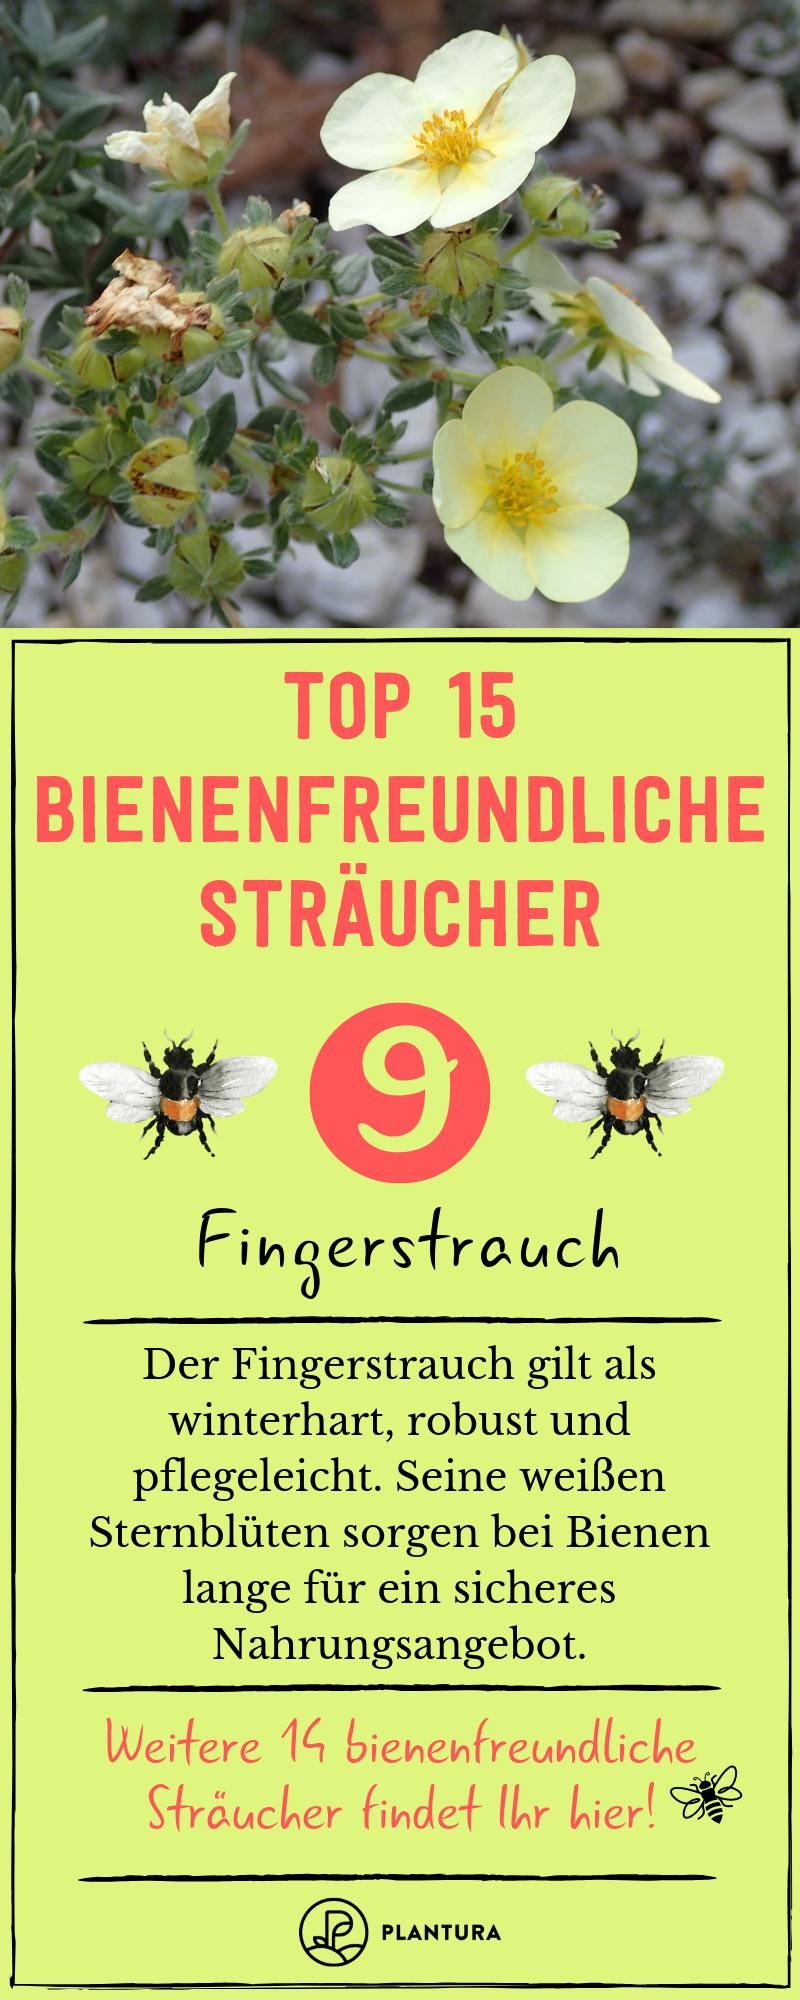 Bienenfreundliche Straucher Top 15 Bienenstraucher Bienenfreundliche Straucher Bienenfreundliche Pflanzen Bienen